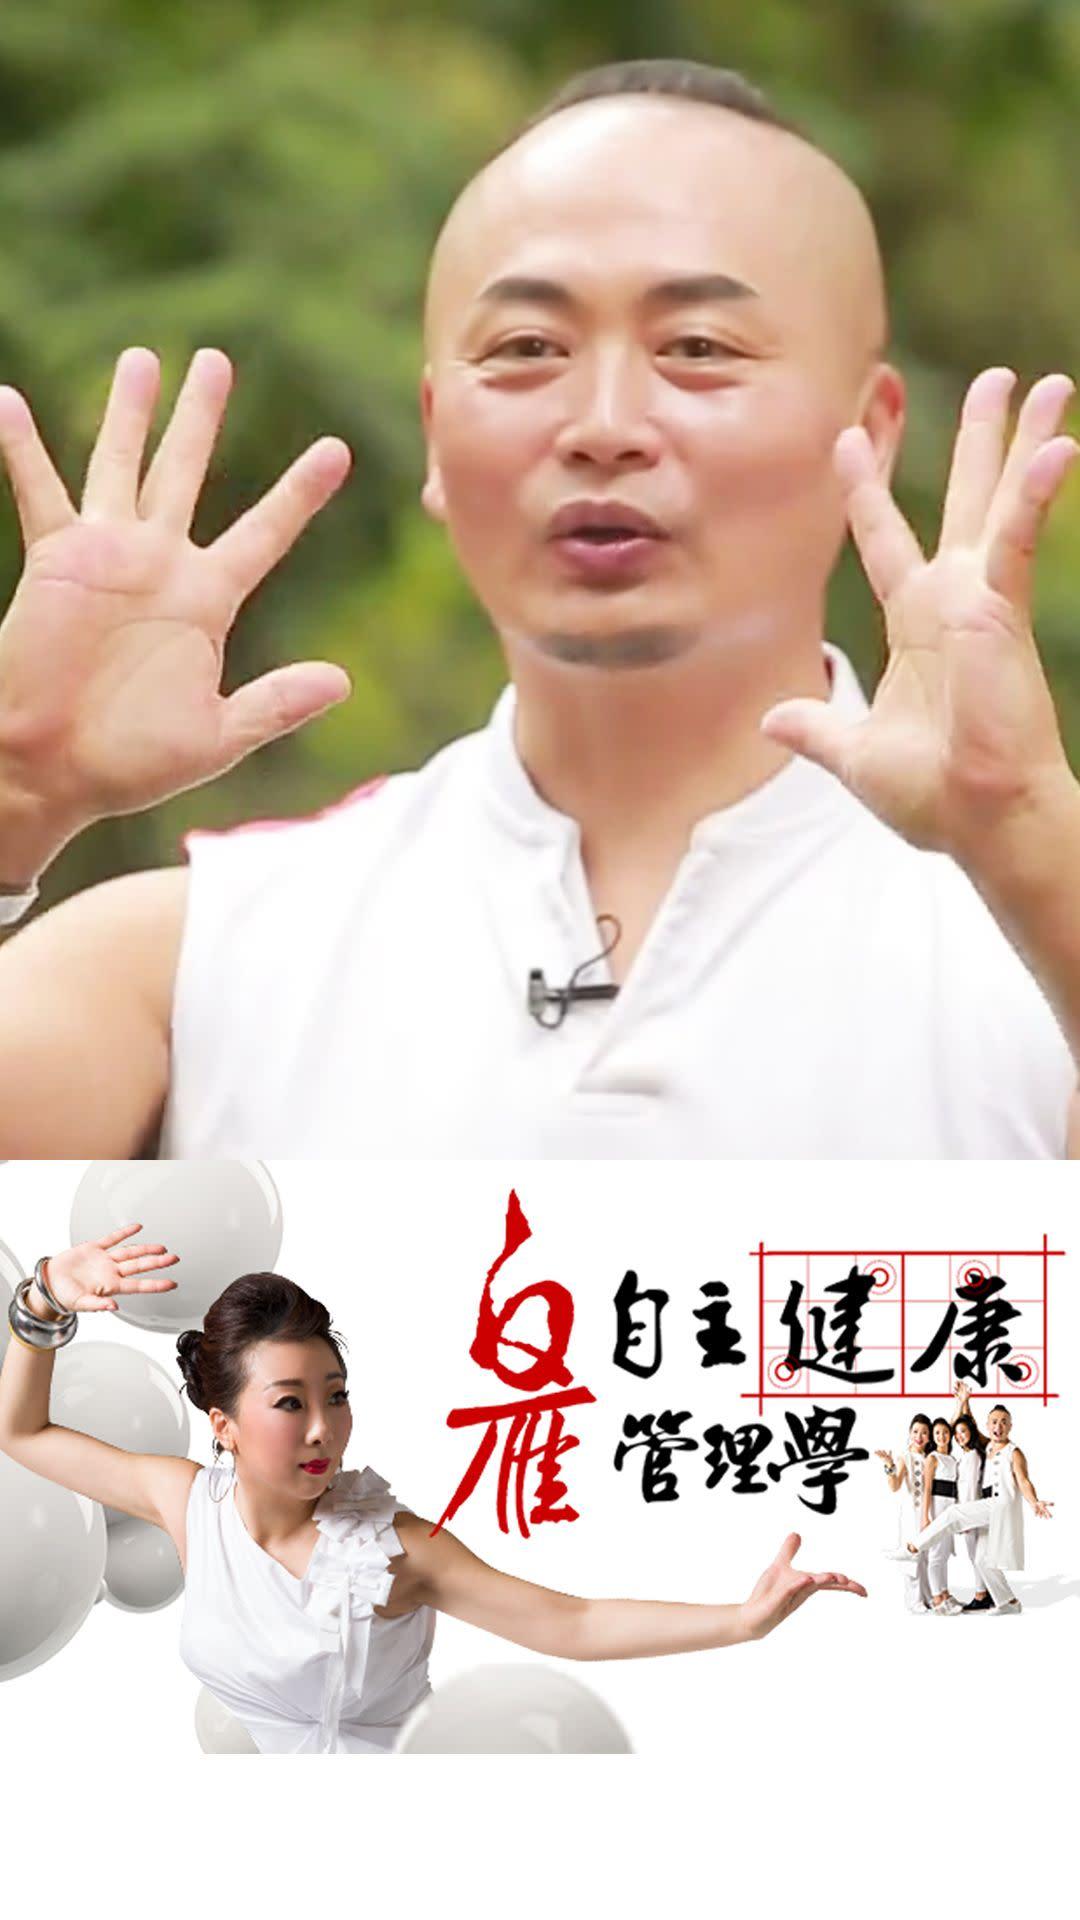 《白雁氣功 - 小病不求人》全套完整版免費線上看